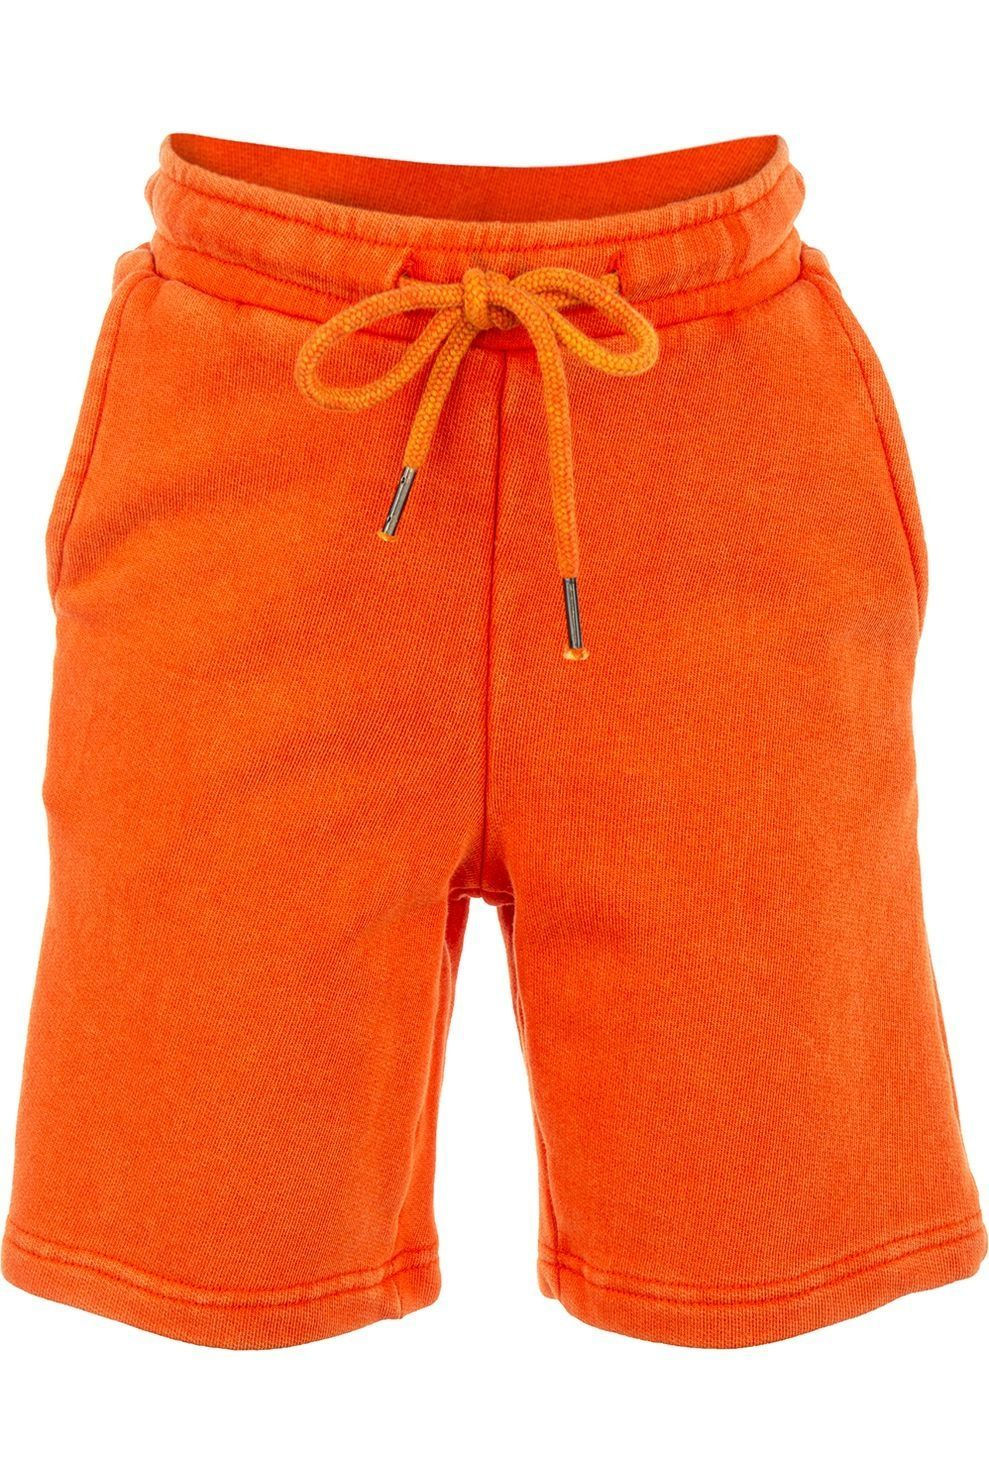 STONES and BONES Short Rowan - Washed voor jongens - Oranje - Maten: 116, 128, 140, 152